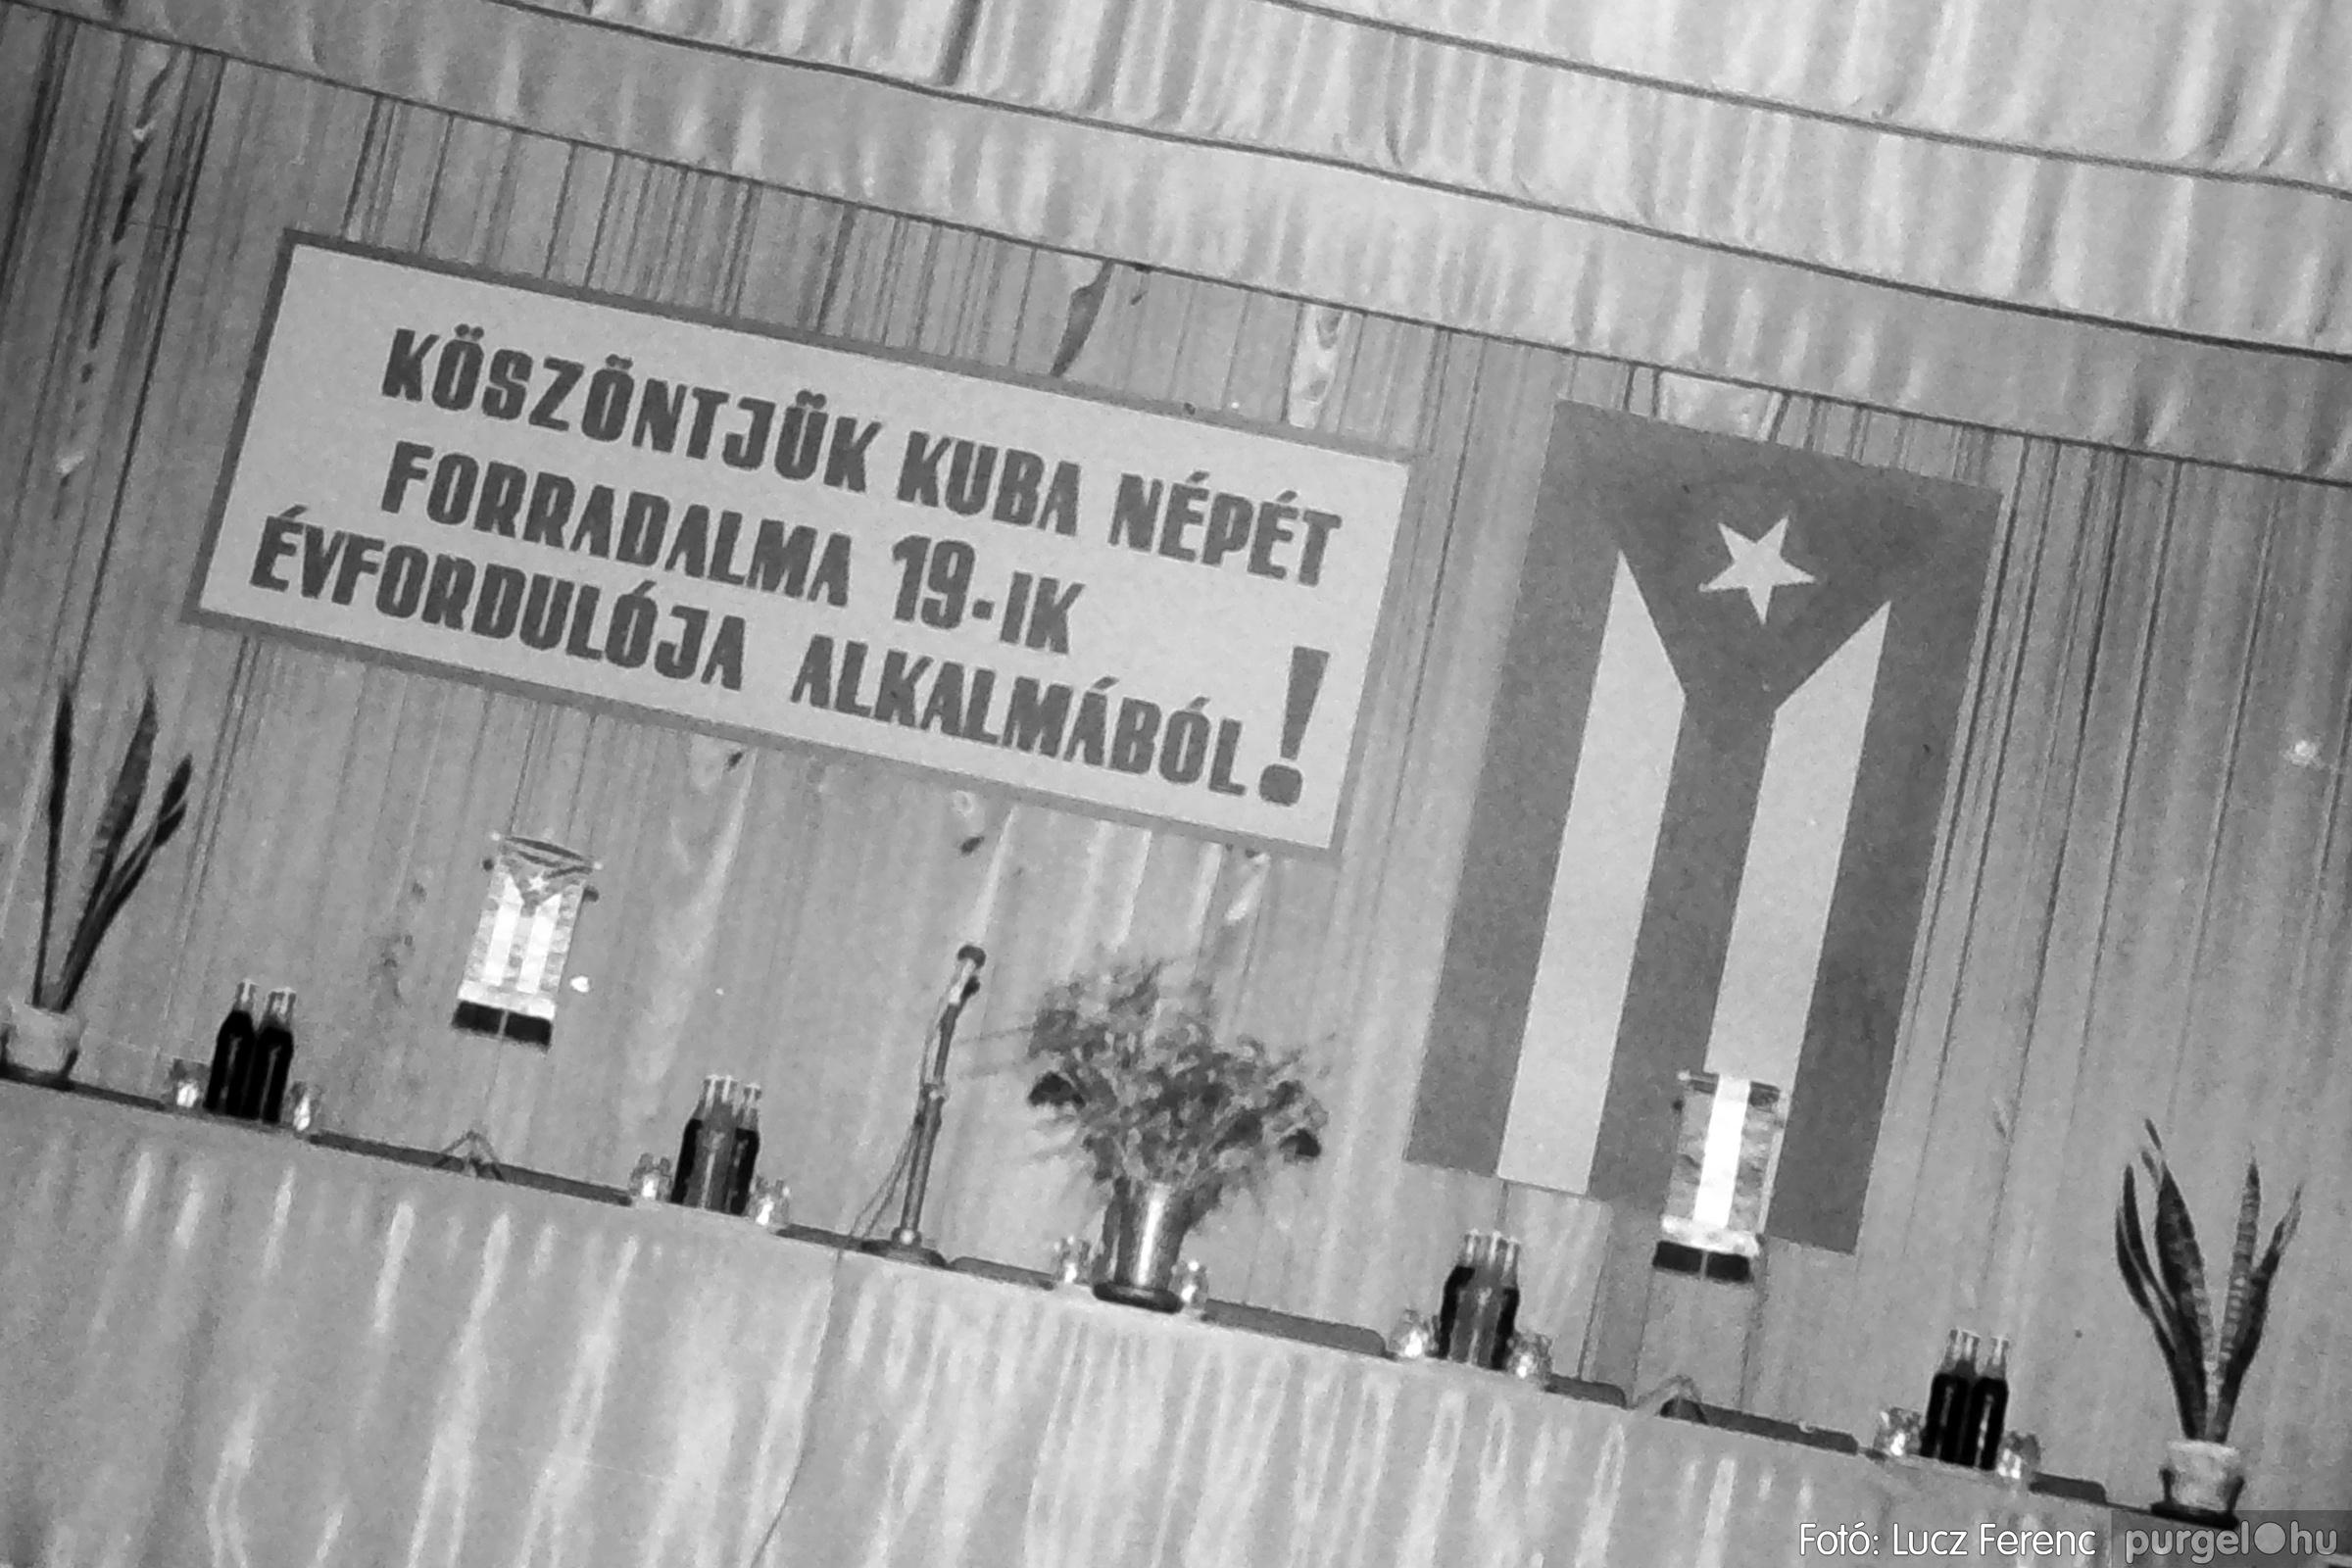 100. 1978. Köszöntjük Kuba népét! 001. - Fotó: Lucz Ferenc.jpg